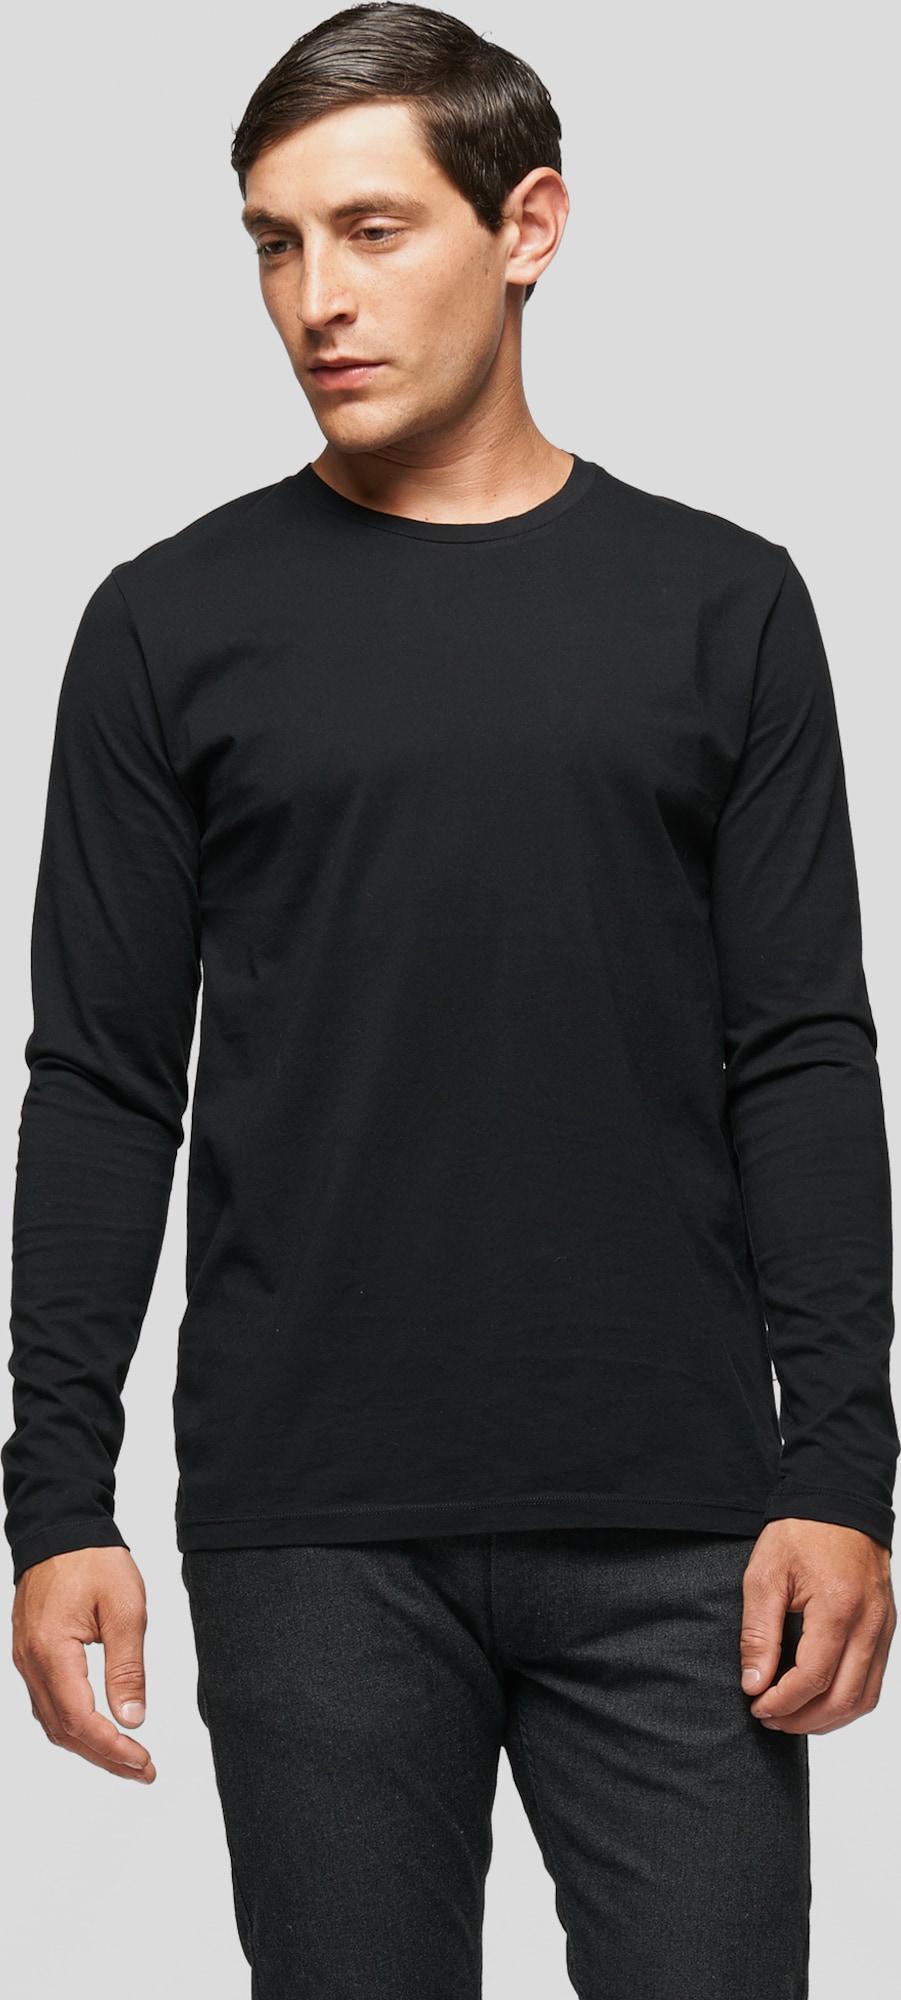 Samsoe samsoe langarmshirt 39 kronos 39 in schwarz about you for Design couchtisch kronos schwarz